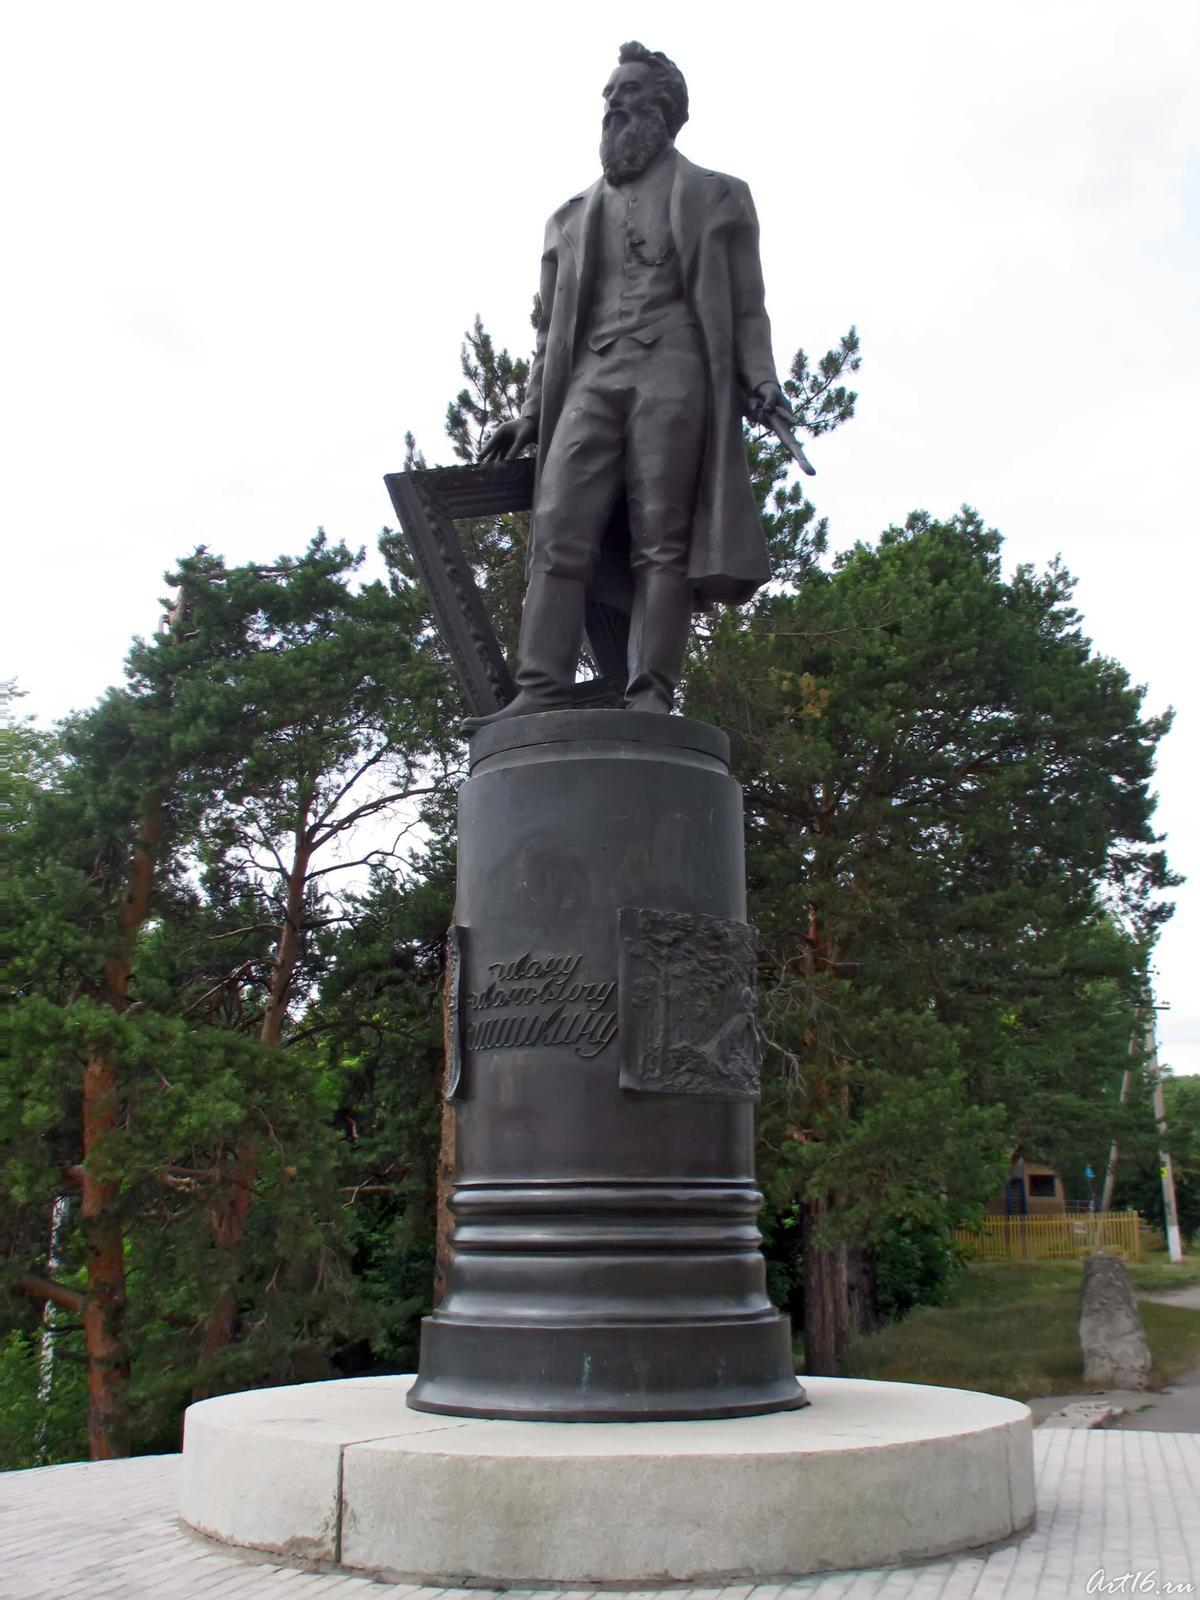 Фото №31243. Памятник Ивану Ивановичу Шишкину